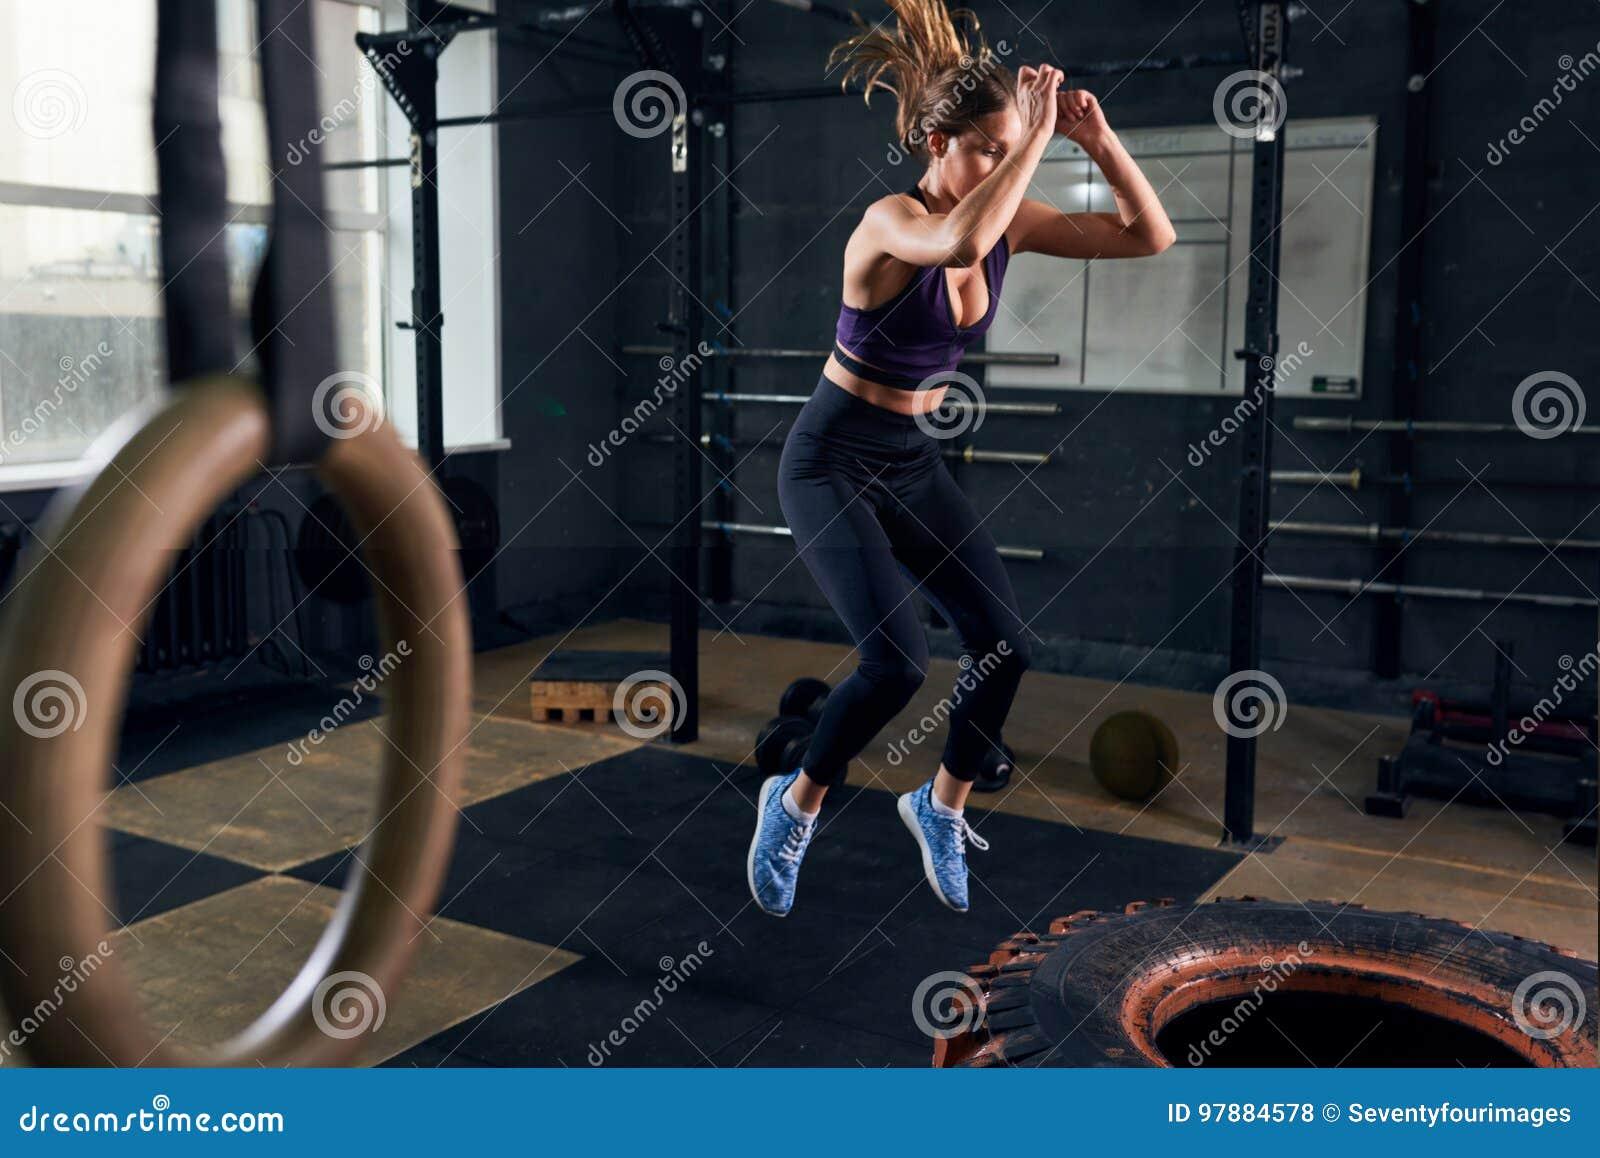 La donna che salta sulla gomma enorme nella palestra di CrossFit